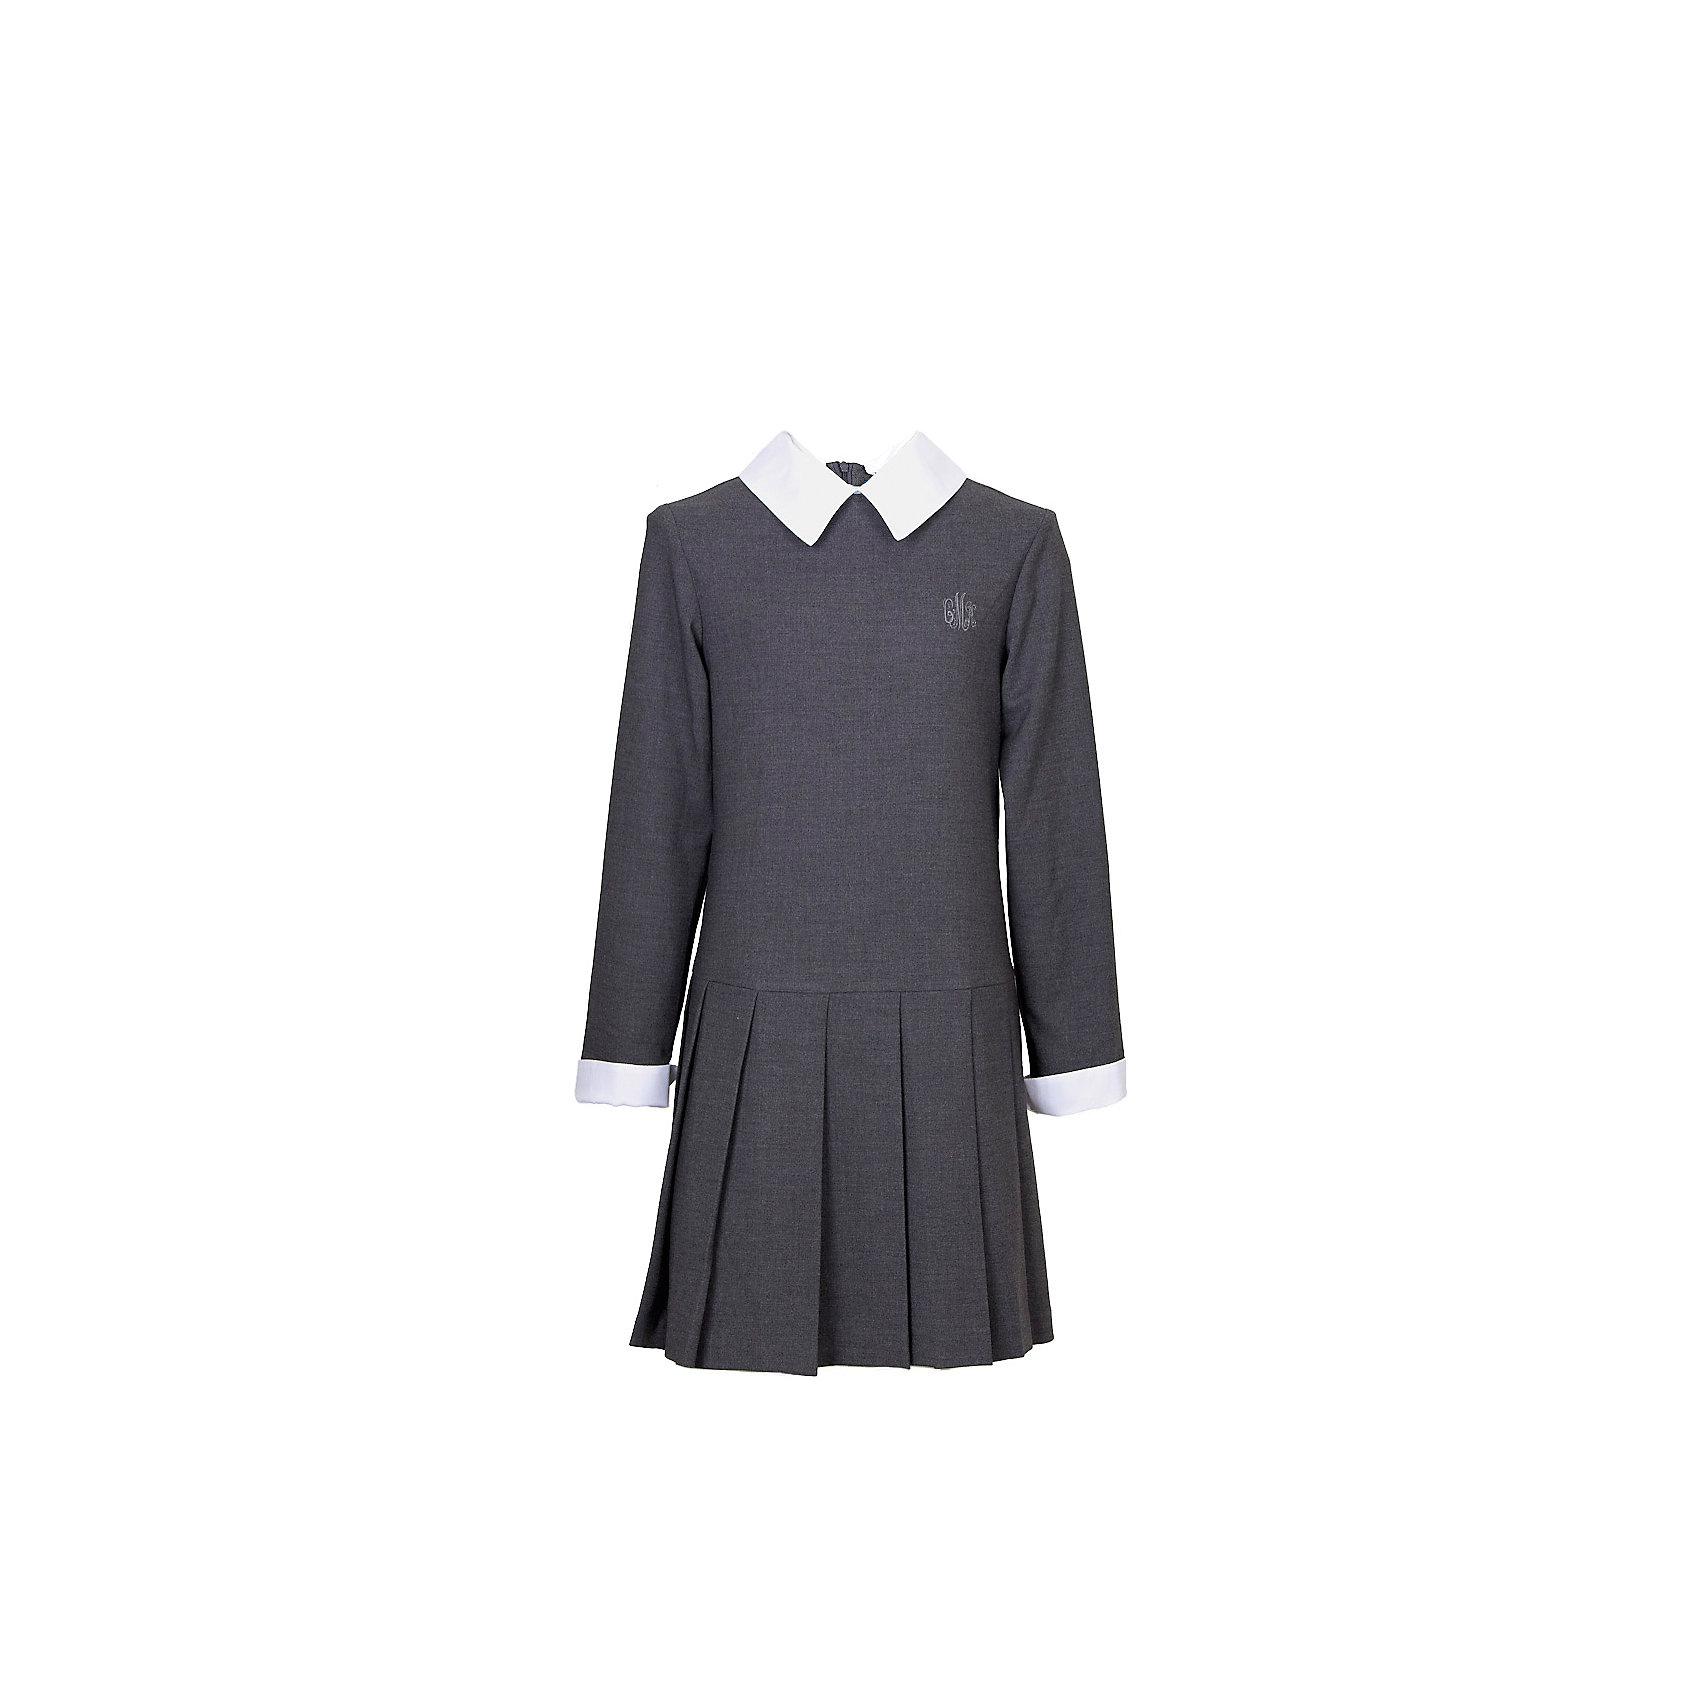 Платье для девочки СменаПлатья и сарафаны<br>Характеристики товара:<br><br>• цвет: серый;<br>• состав: 48% вискоза, 48% полиэстер, 4% полиуретан;<br>• сезон: демисезон;<br>• особенности: школьное;<br>• с длинным рукавом;<br>• юбка в складку;<br>• застежка: молния на спине;<br>• страна бренда: Россия;<br>• страна производства: Россия.<br><br>Школьное платье с длинным рукавом для девочки. Платье в складку внизу, застегивается на молнию на спинке. Декорировано вышивкой на груди. Манжеты рукавов и воротник контрастного белого цвета.<br><br>Платье для девочки Смена можно купить в нашем интернет-магазине.<br><br>Ширина мм: 236<br>Глубина мм: 16<br>Высота мм: 184<br>Вес г: 177<br>Цвет: серый<br>Возраст от месяцев: 72<br>Возраст до месяцев: 84<br>Пол: Женский<br>Возраст: Детский<br>Размер: 122,128,134,140,152,146,158,164,116<br>SKU: 6684052